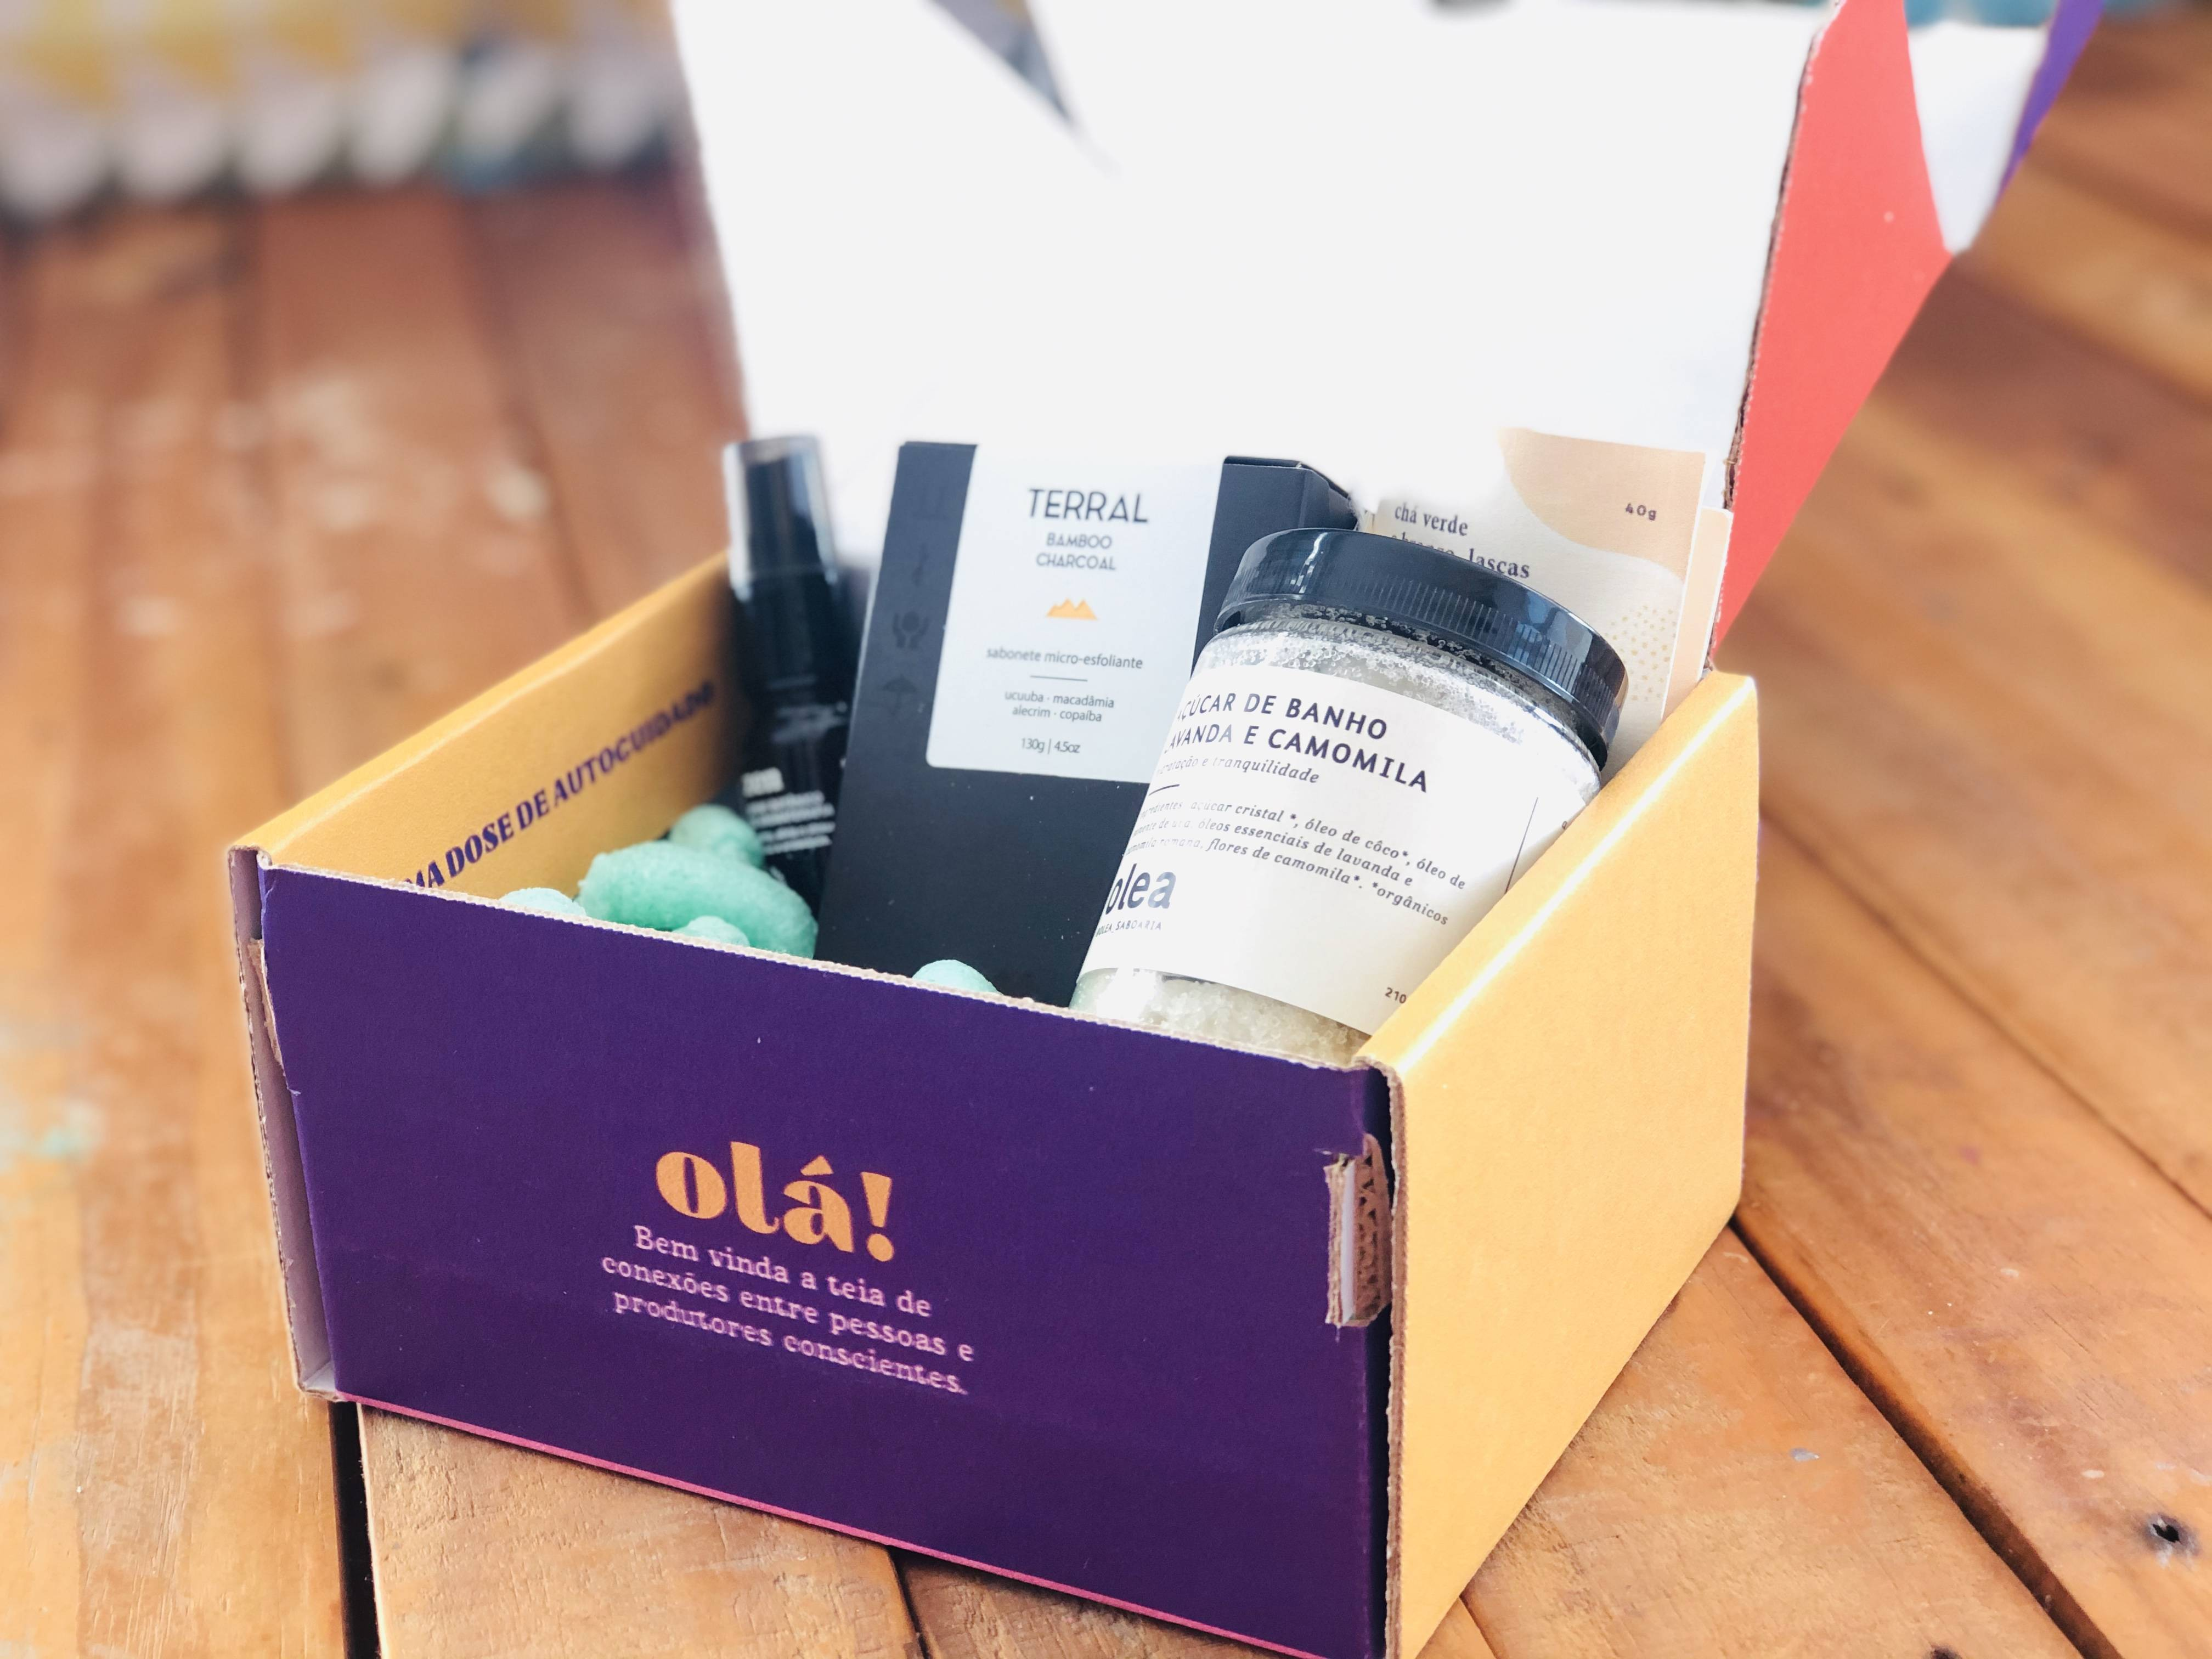 www.juicysantos.com.br - difusa box de autocuidado com produtos sustentáveis e naturais